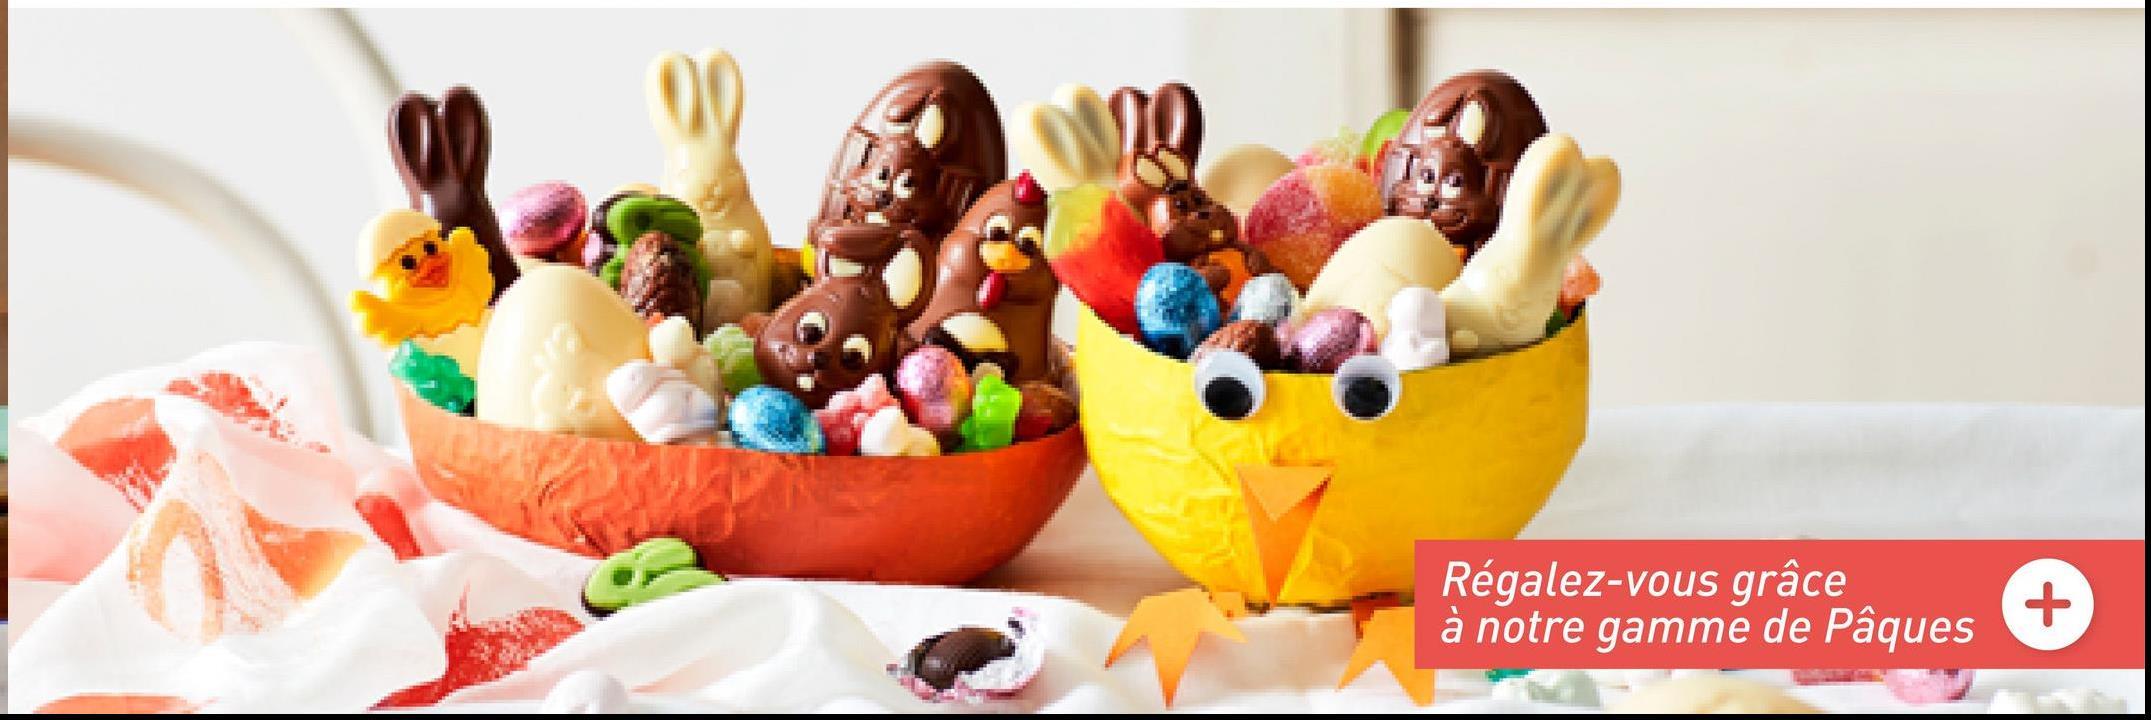 Régalez-vous grâce à notre gamme de Pâques